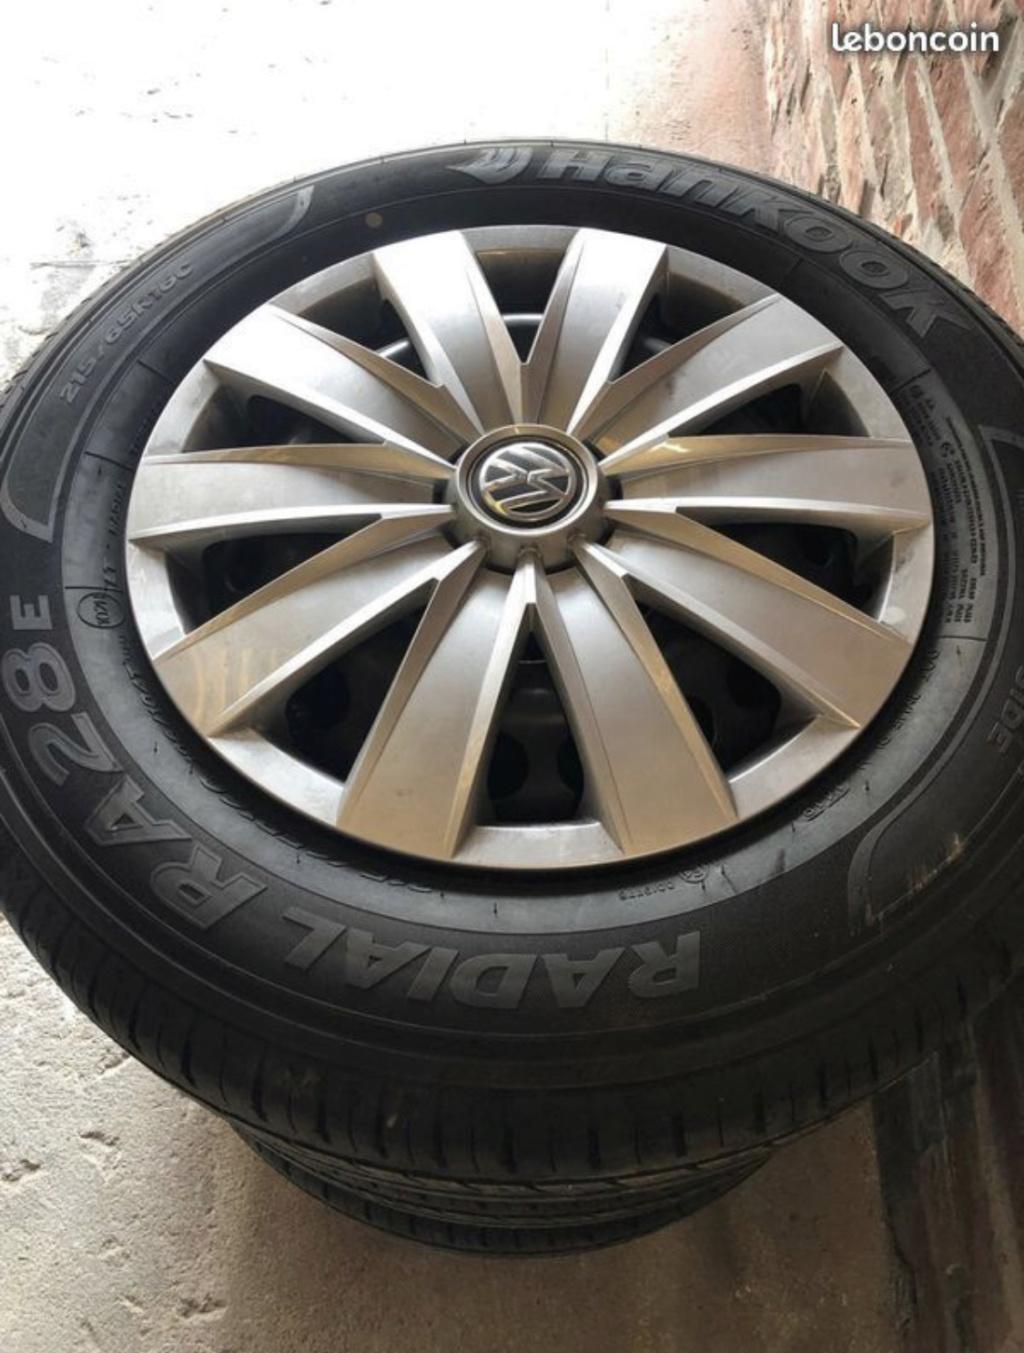 4 Roues + pneus Hankook 215/65R16 + enjoliveurs T6 - Neufs 55d83510